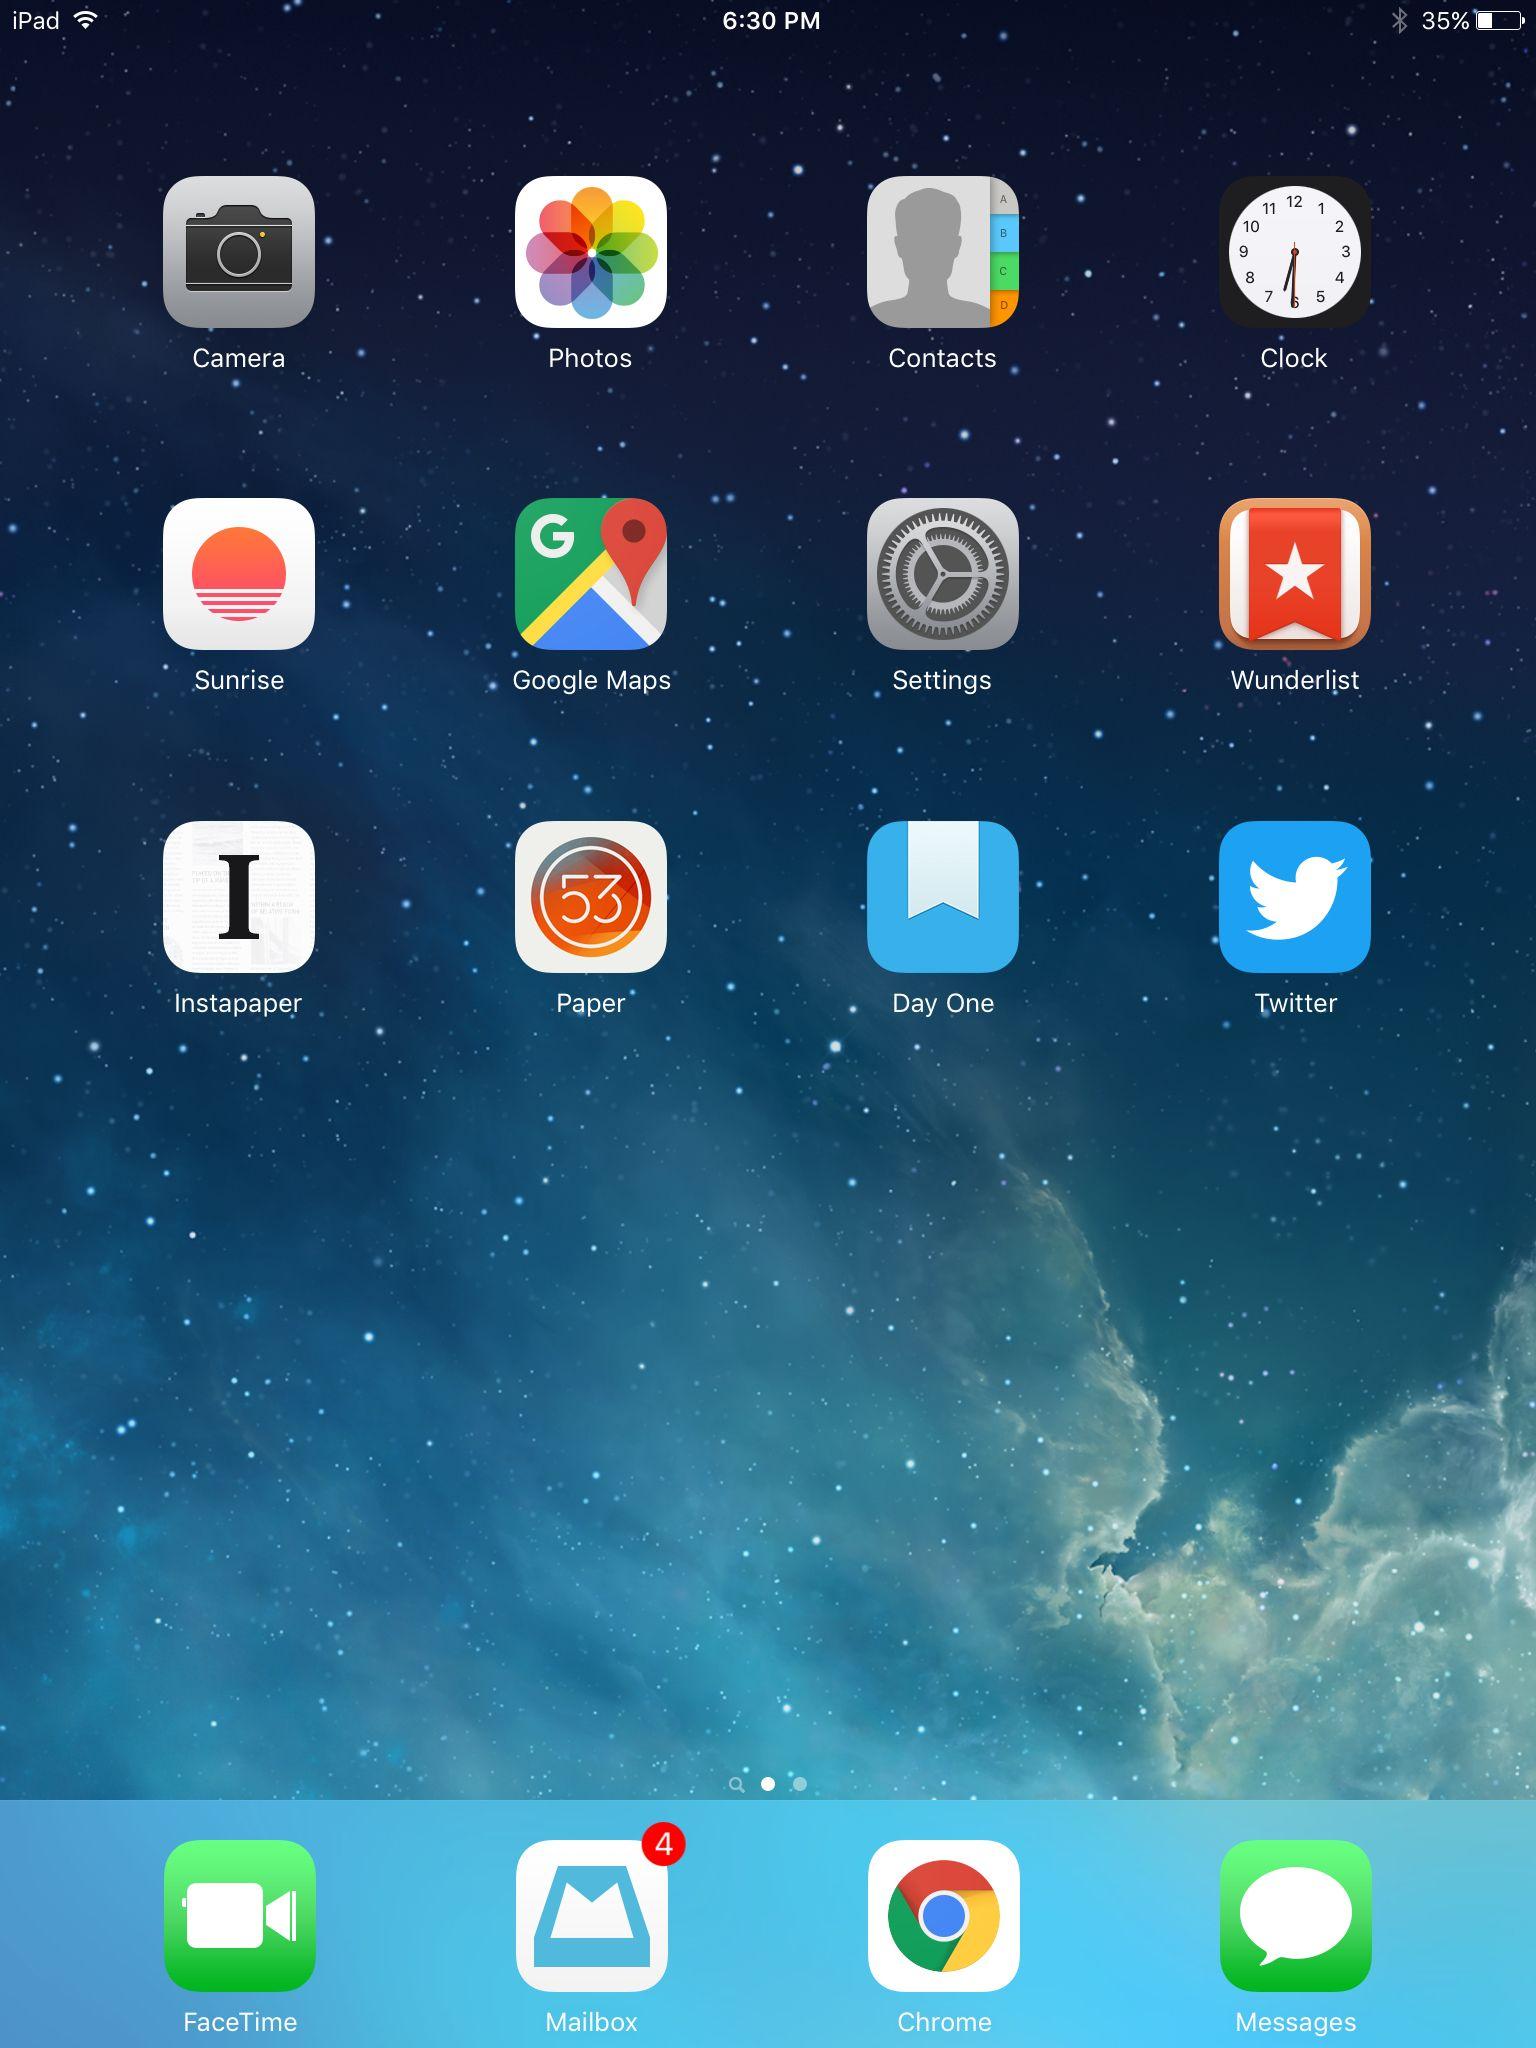 iPad October 2015 Homescreen, Ipad, Iphone